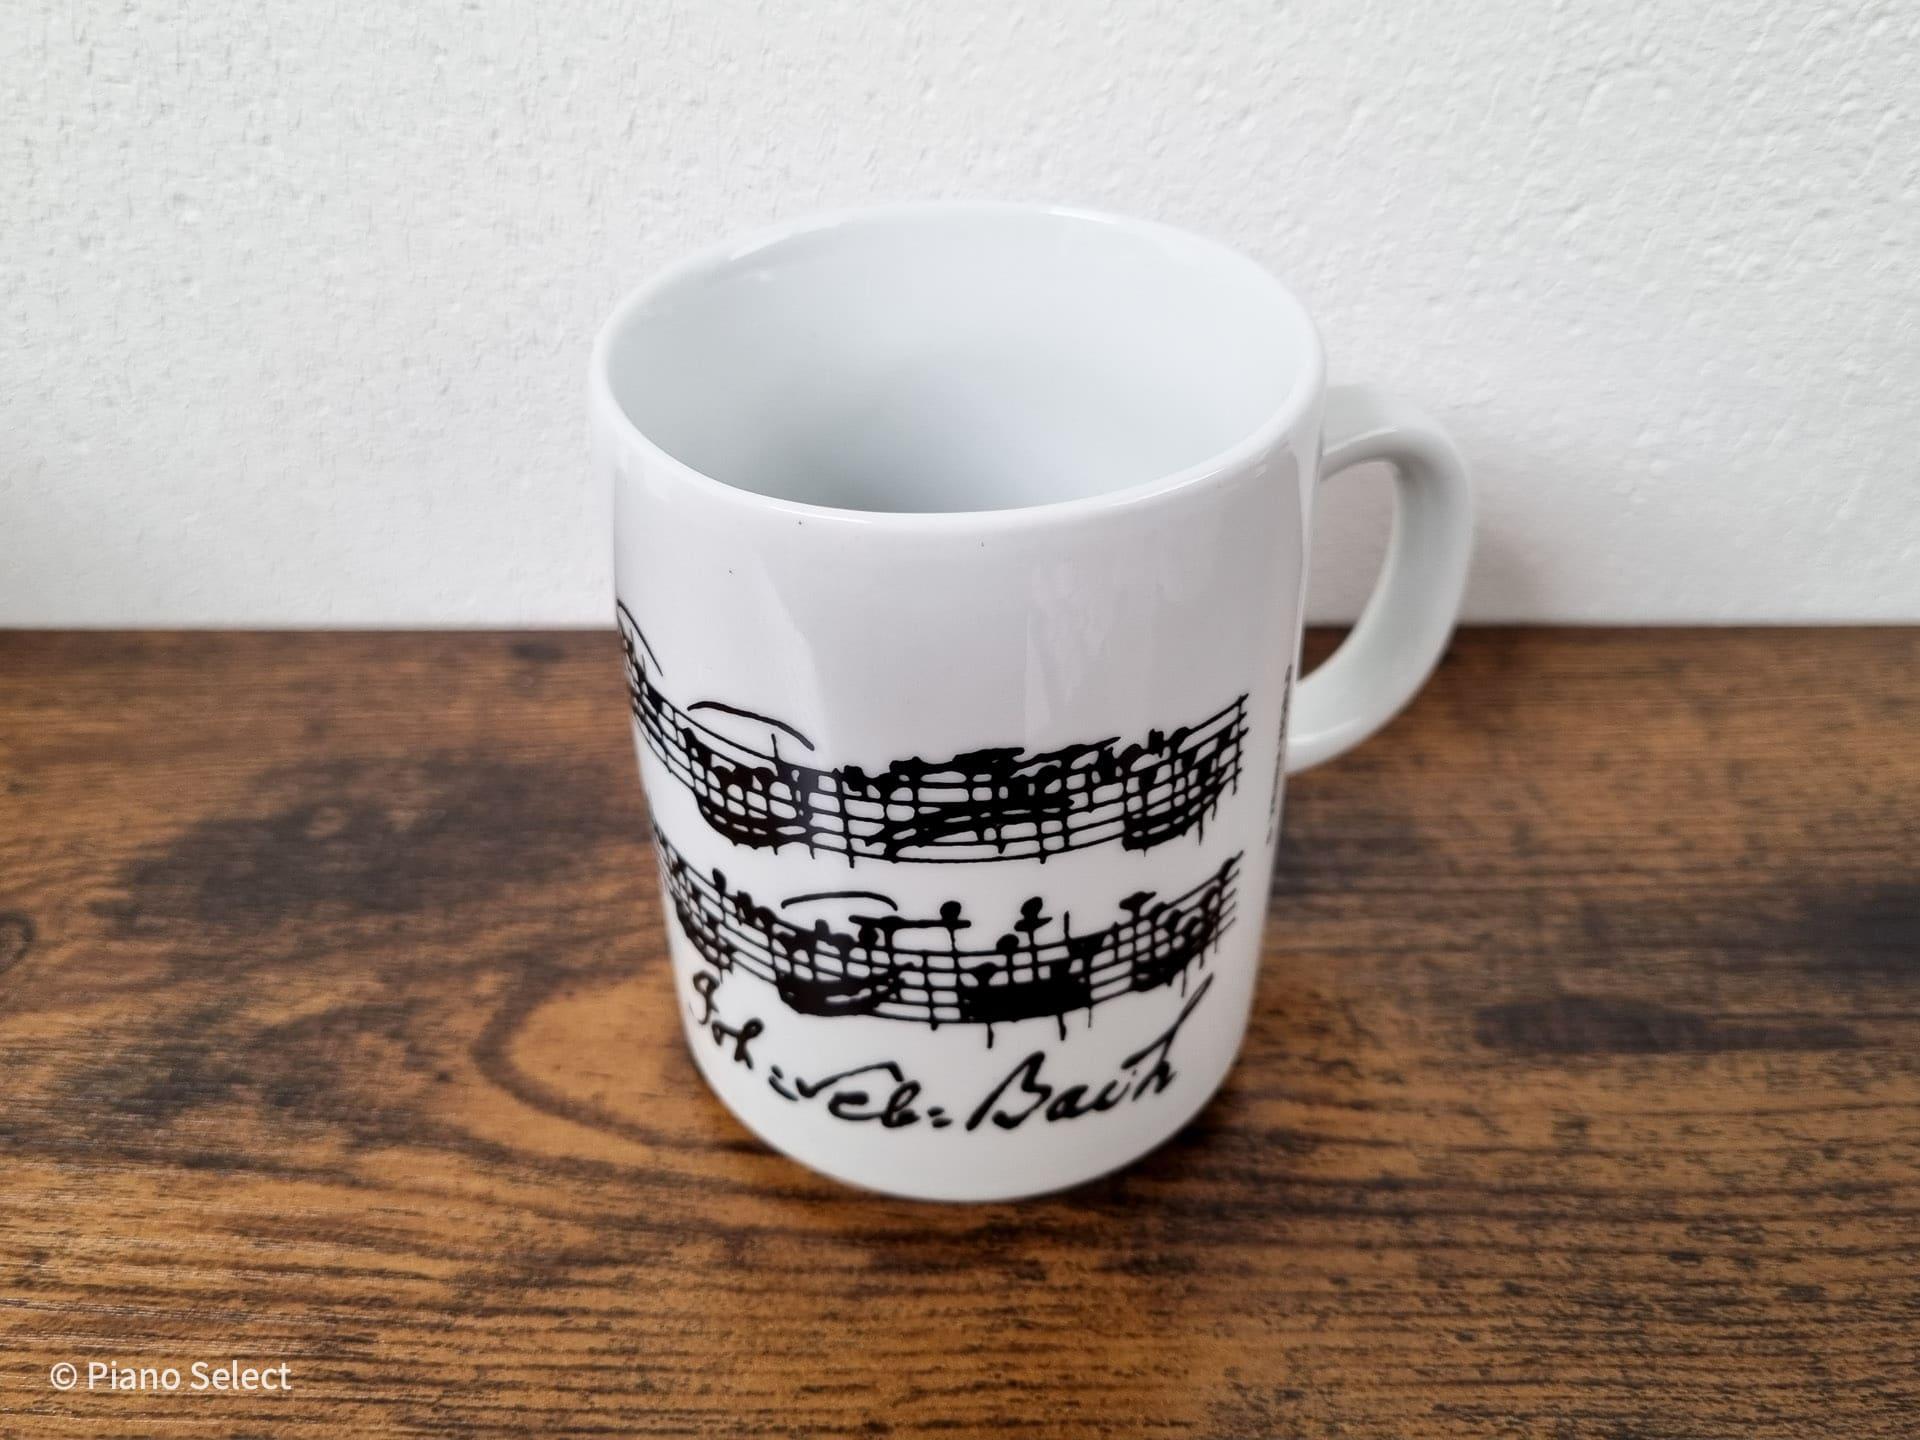 Mok muziek - Bach